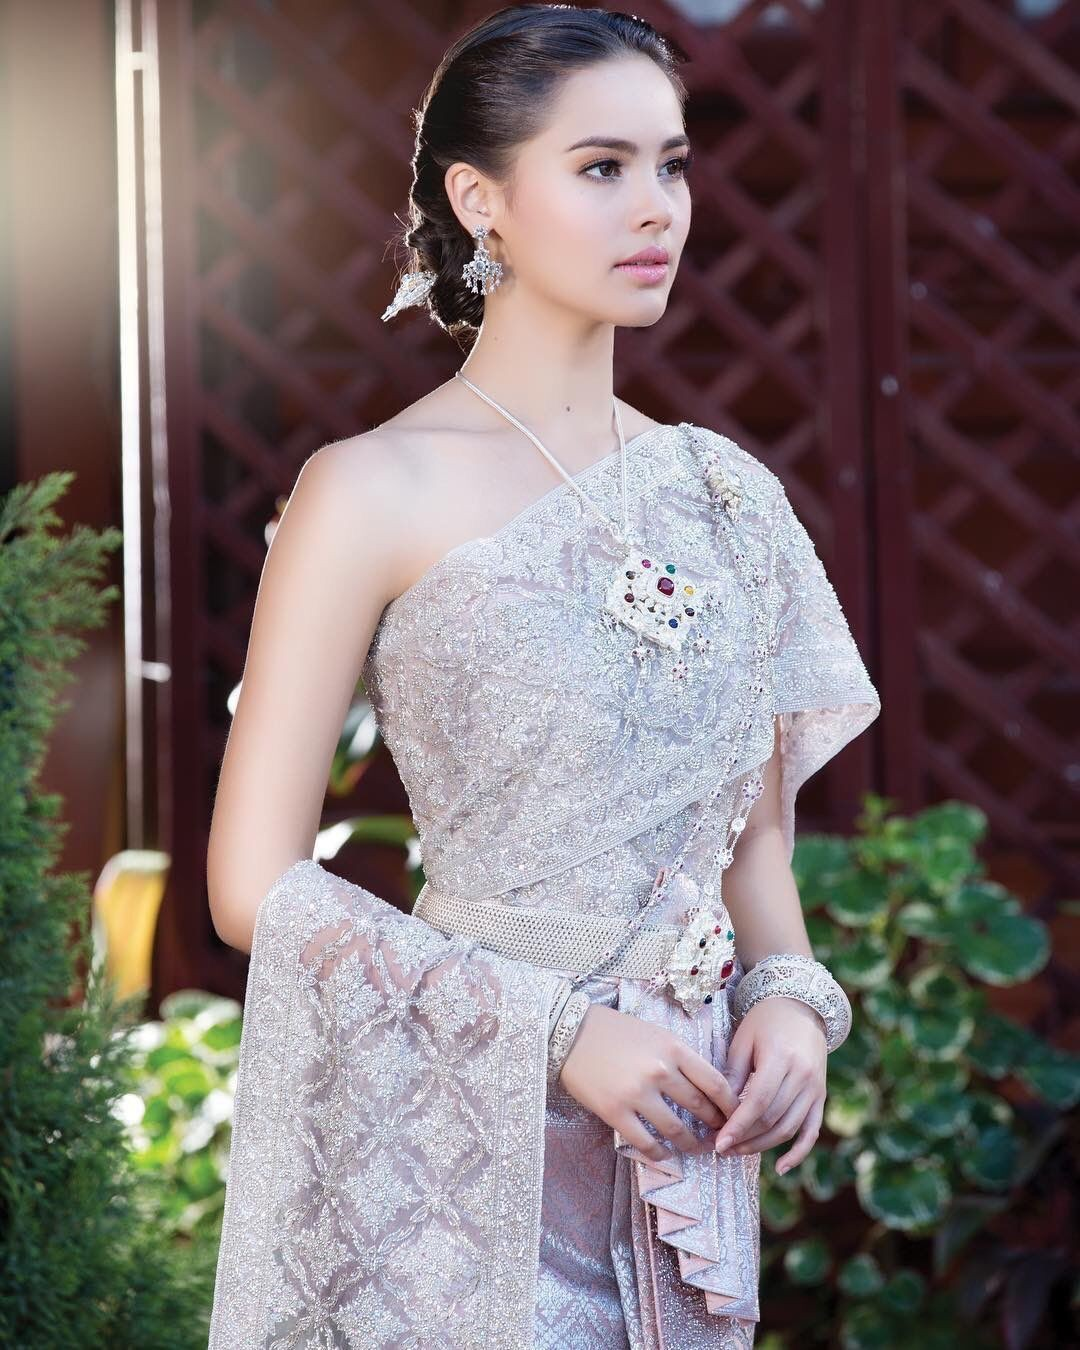 Nhan sắc thực đẹp nao lòng của mỹ nhân Thái Lan gây sốt trong Ông anh trời đánh - Ảnh 8.